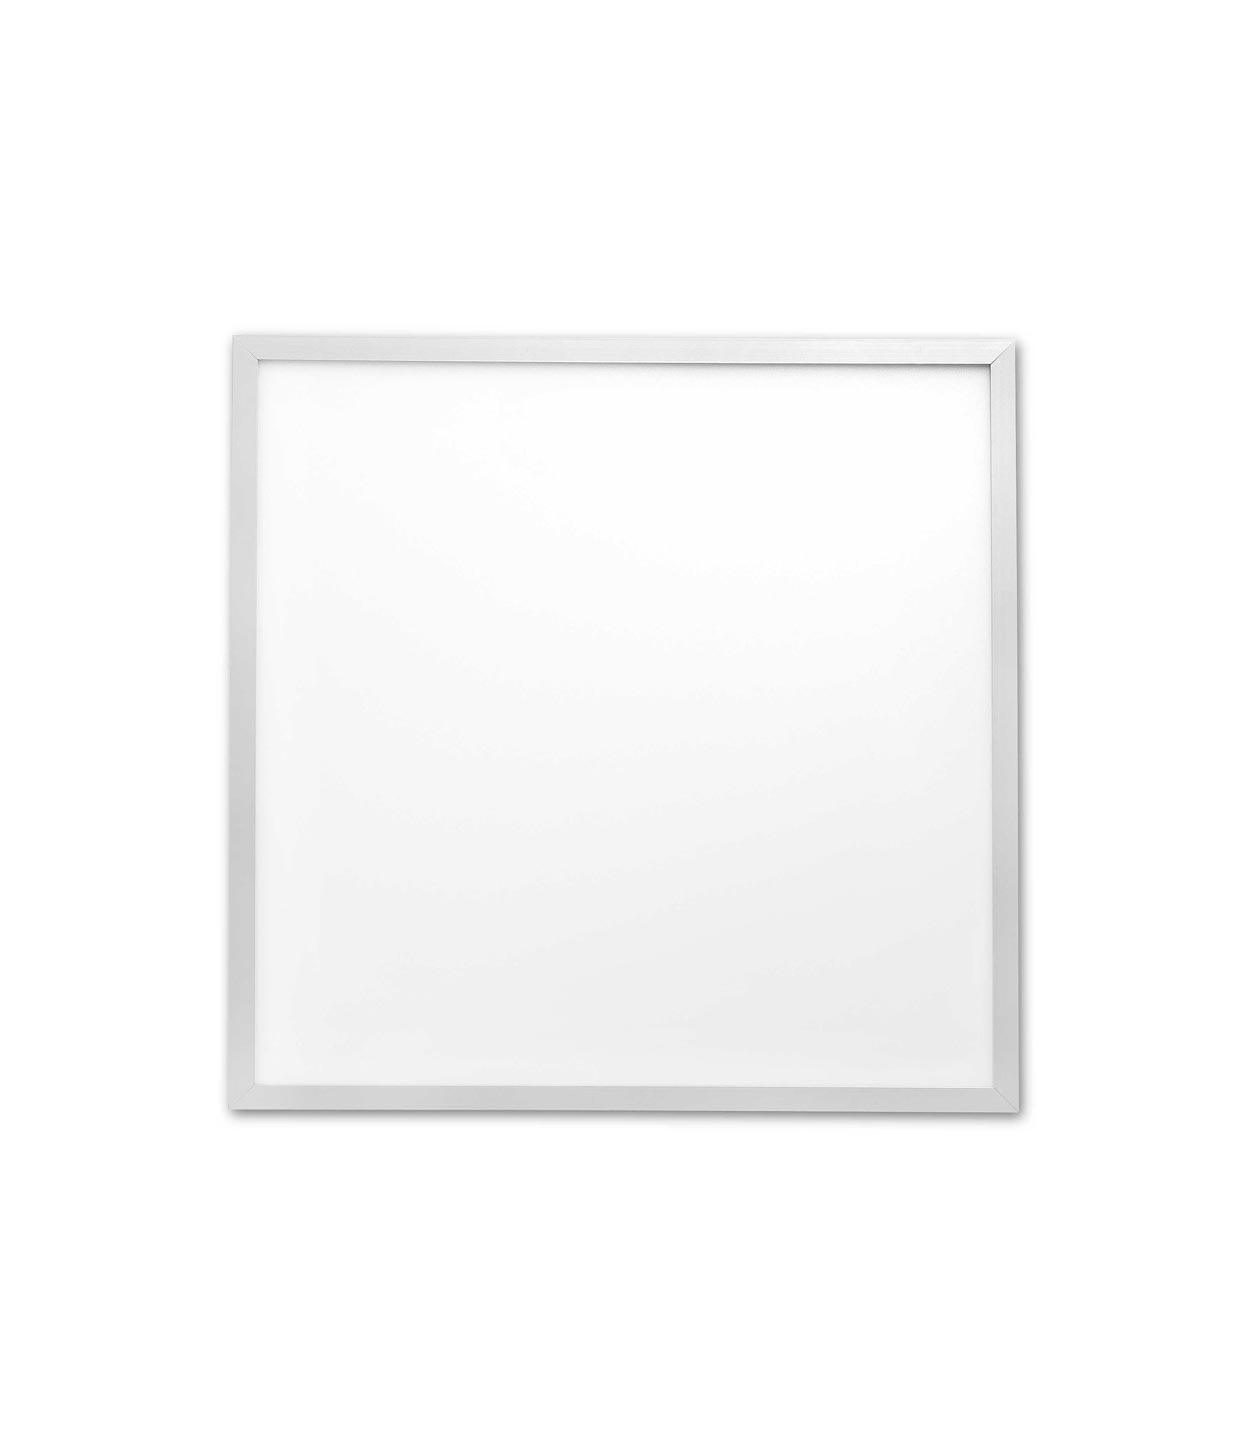 Panel de LED luz fría FLAT